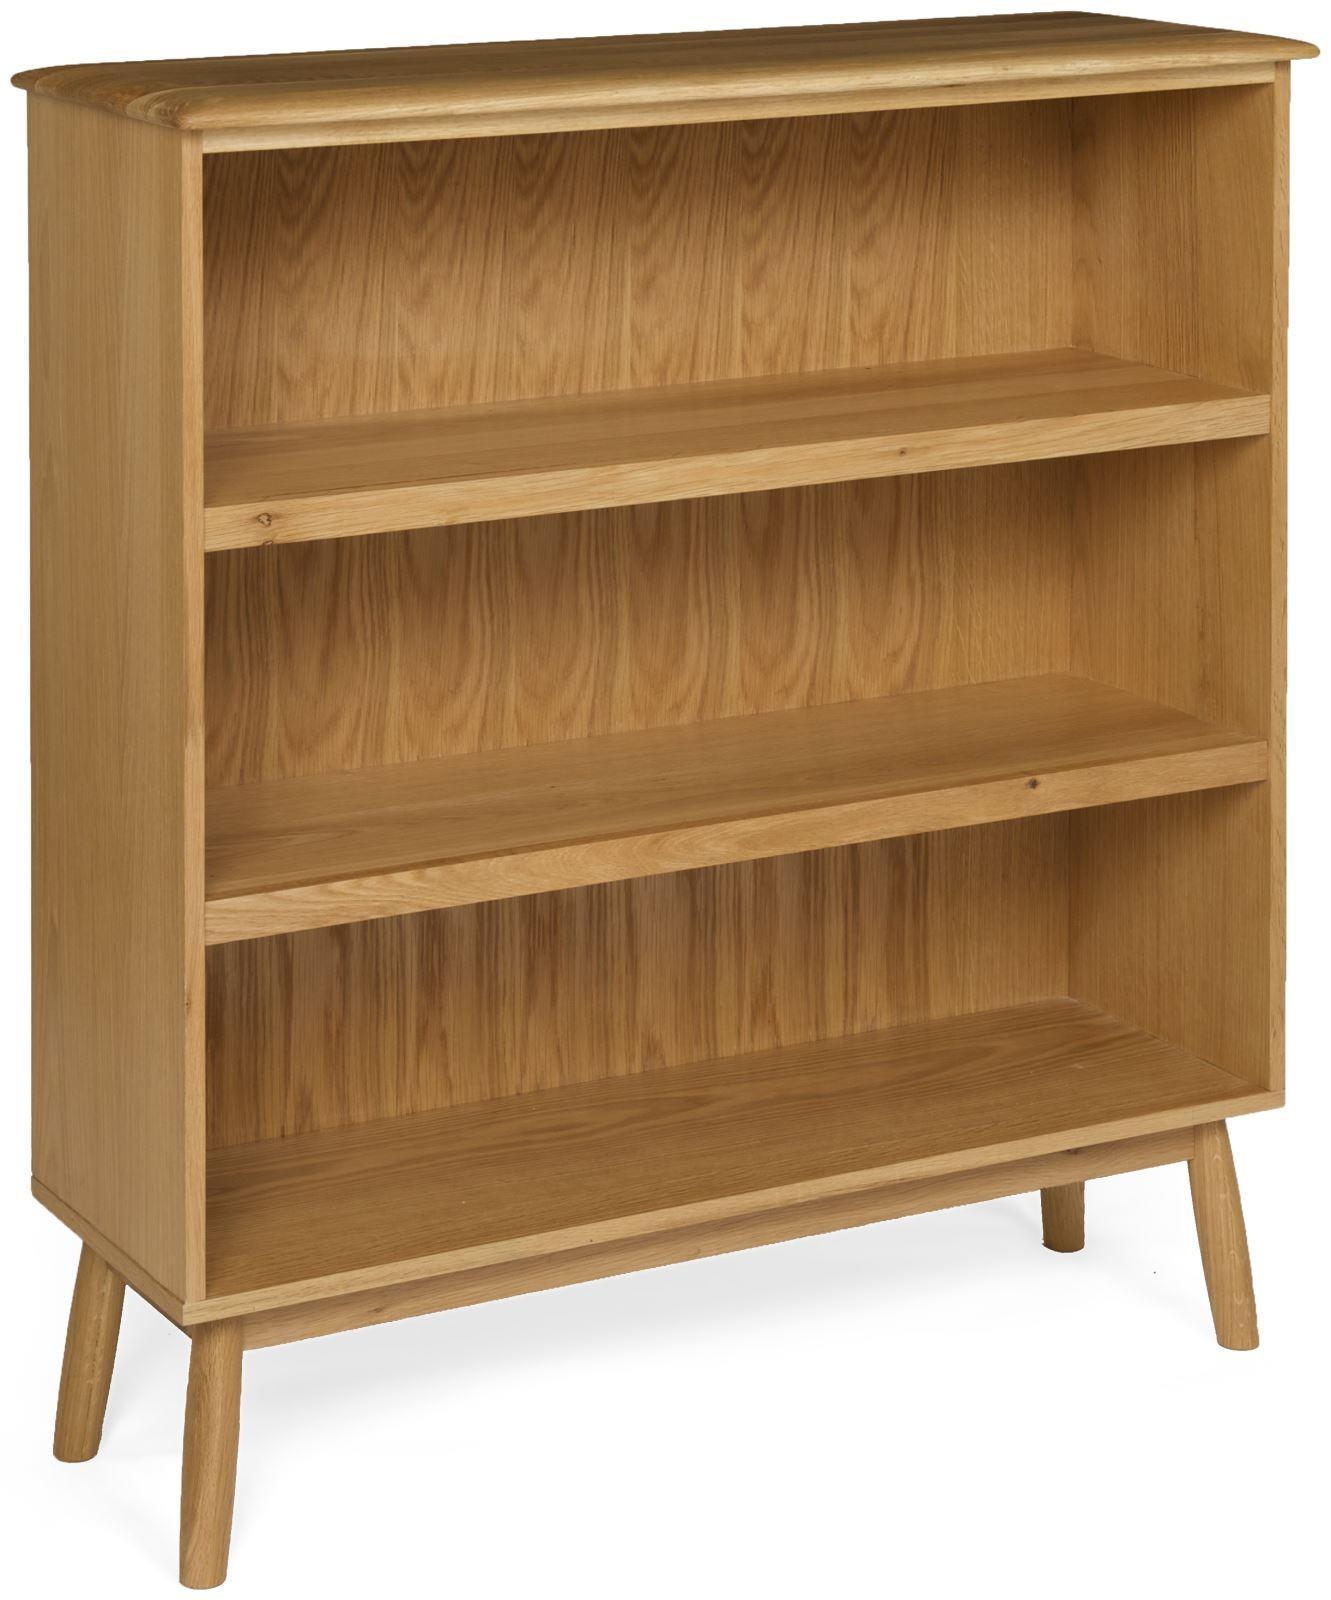 MALMO - Oak Wide Bookcase